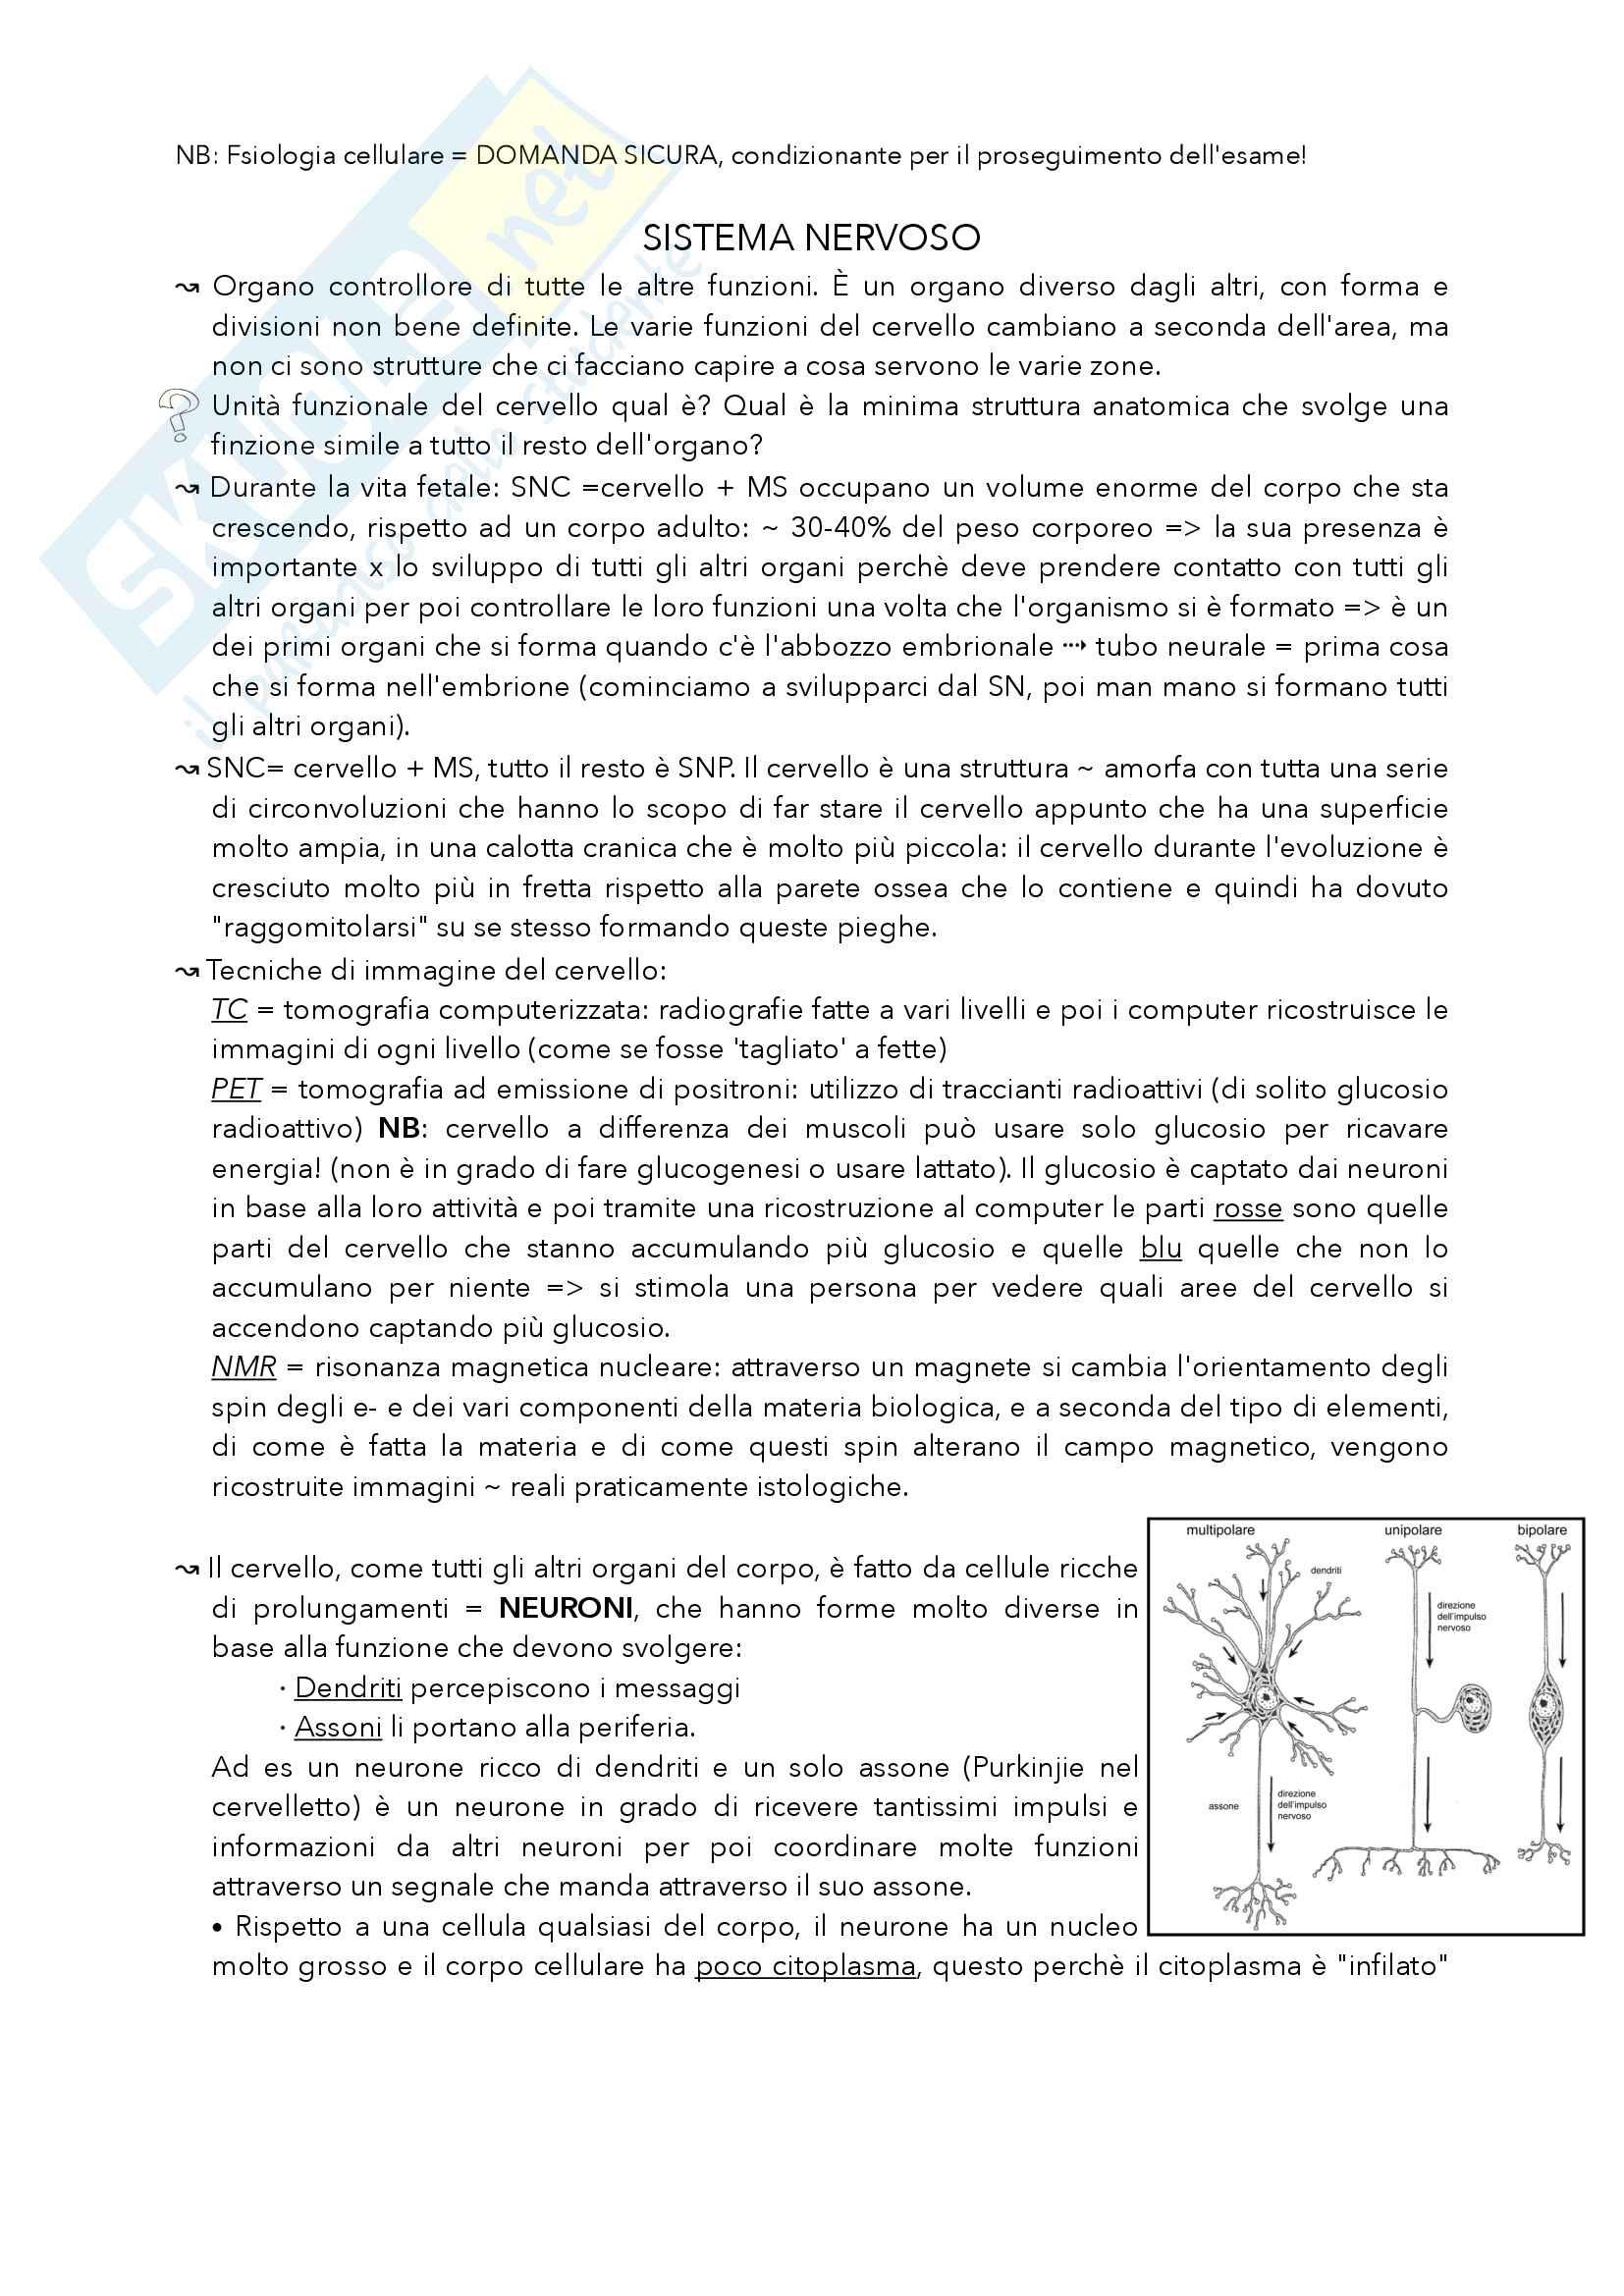 Fisiologia degli organi e dei sistemi, parte 2